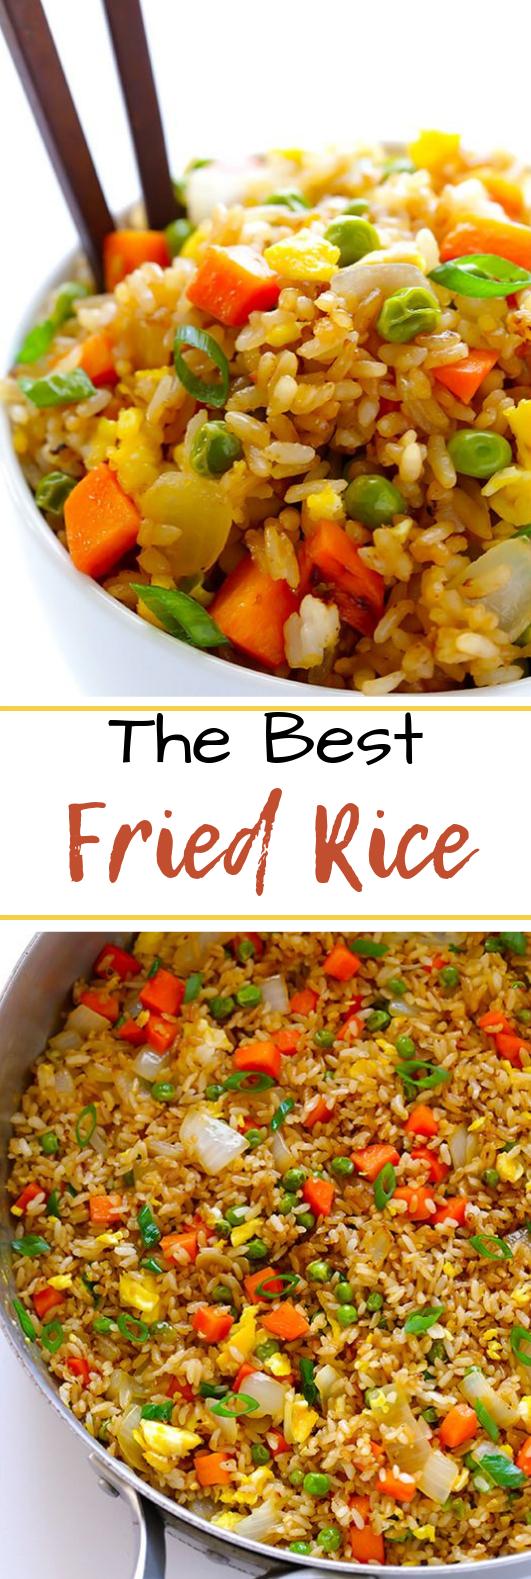 The BEST Fried Rice #dinner #easyrecipe